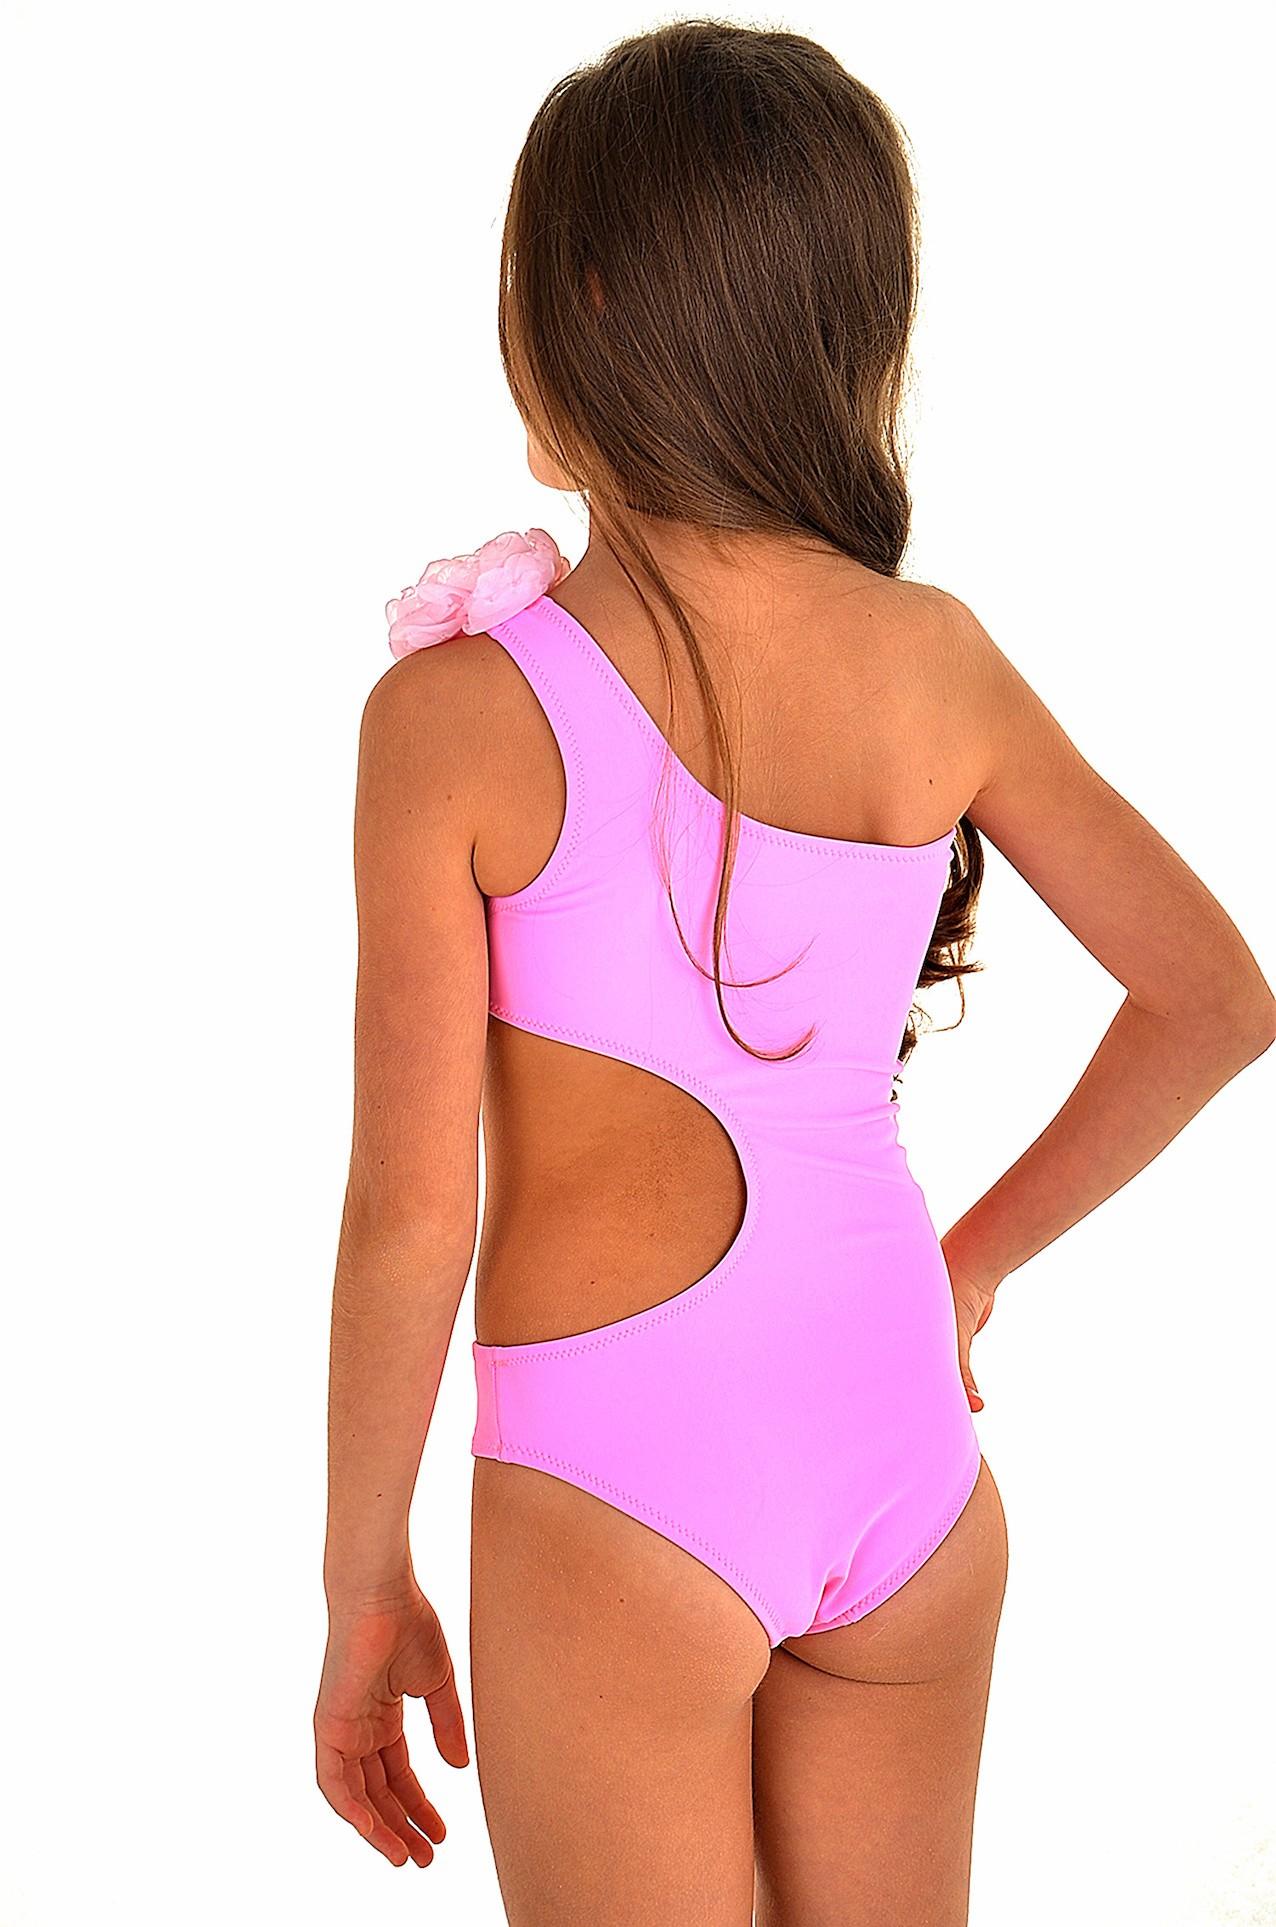 3381812c8c568 Закрытый розовый купальник для девочки на одно плечо BAEL Пион 5601 R